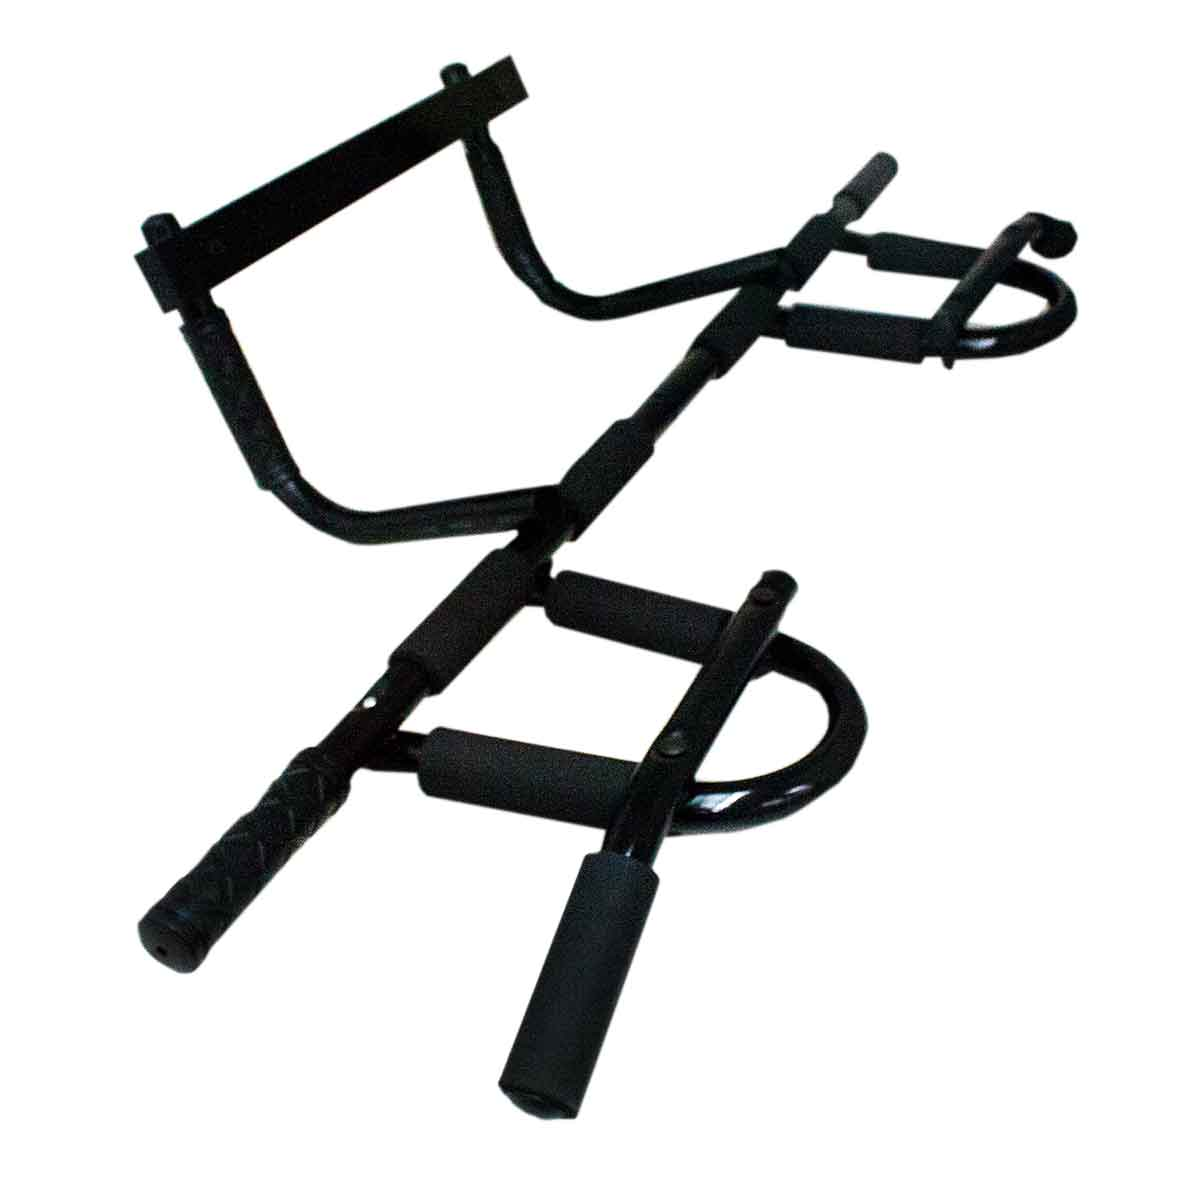 Barra Porta Iron Gym Apoio Flexão Multifuncional Fixa Treino